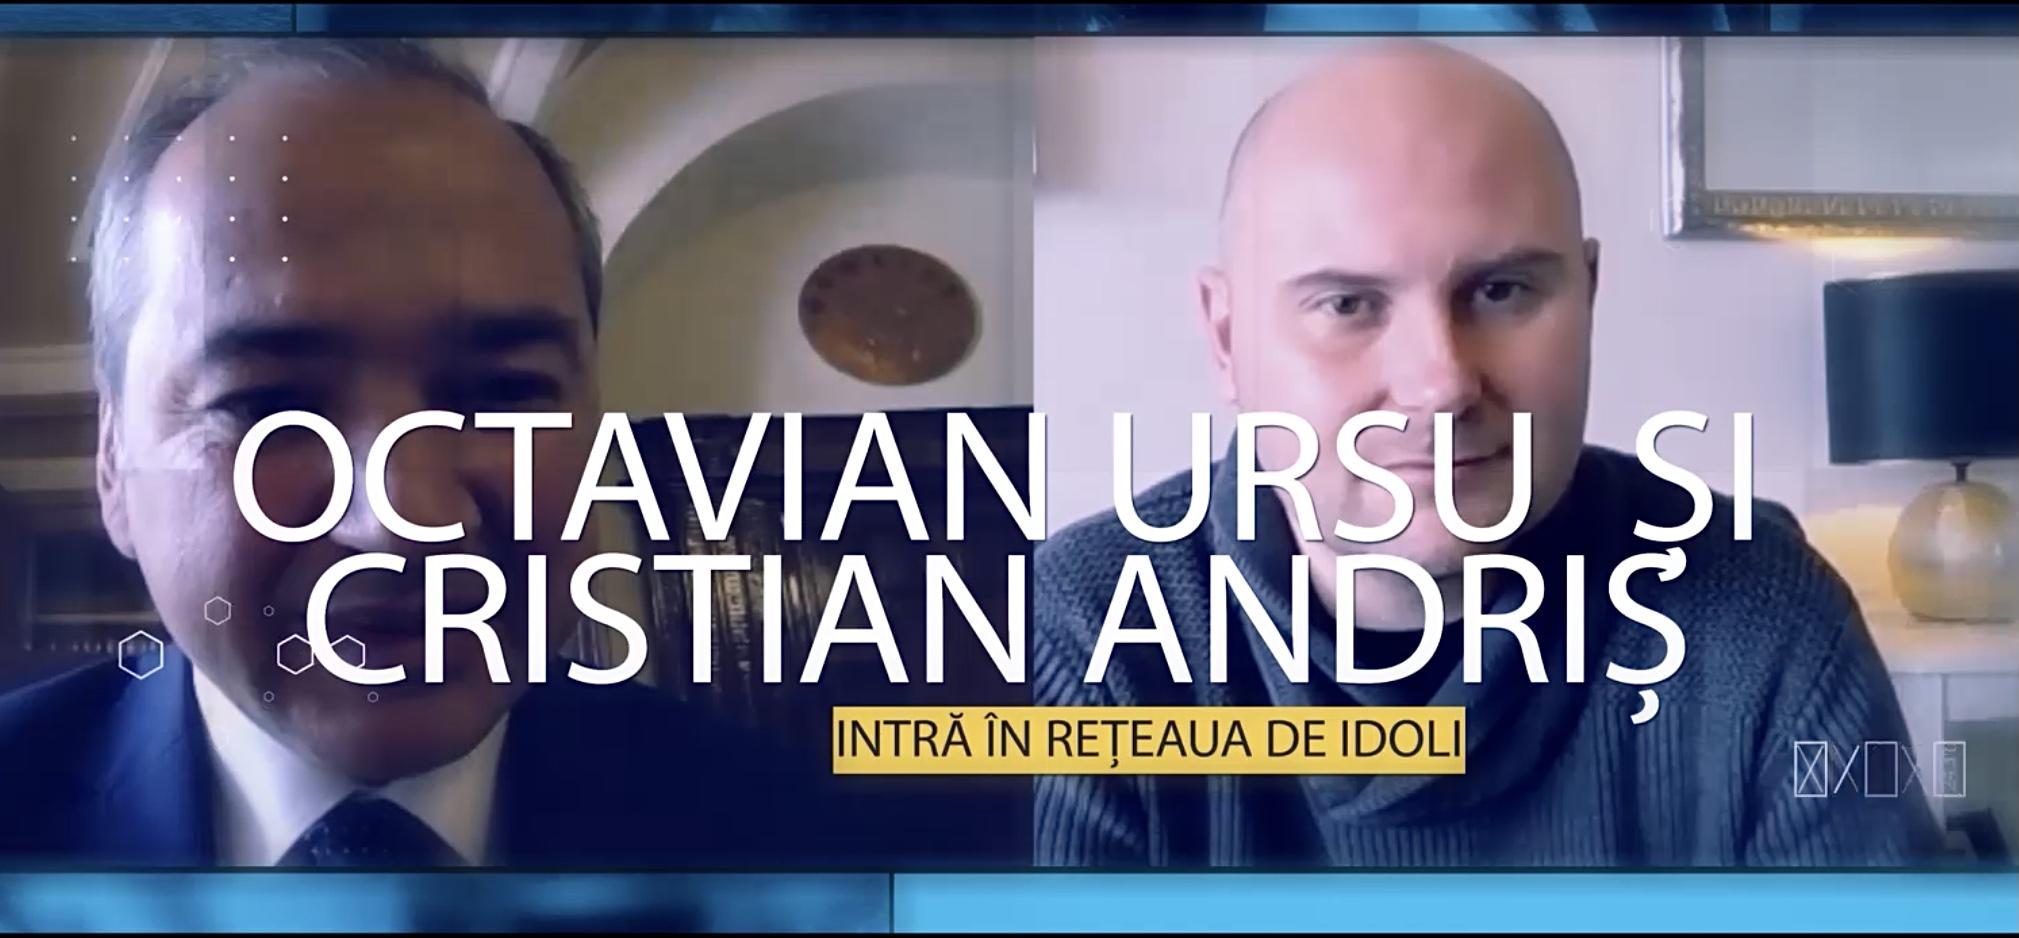 https://artpres.ro/wp-content/uploads/2020/12/Reteaua-de-idoli_romani.jpg